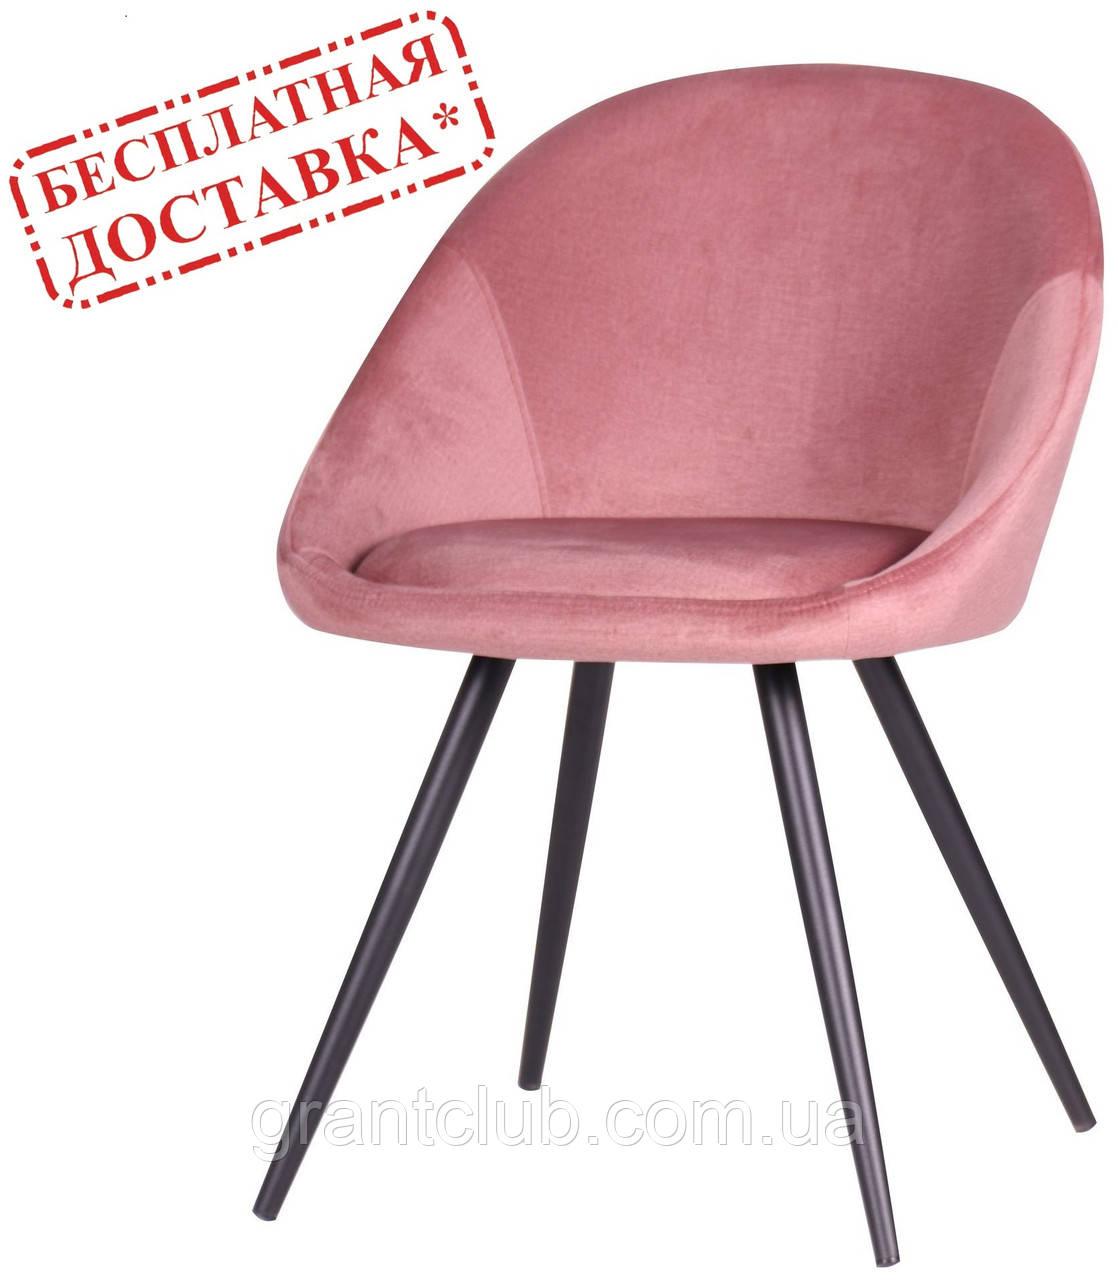 Стул обеденный Mary велюр розовый AMF (бесплатная адресная доставка)